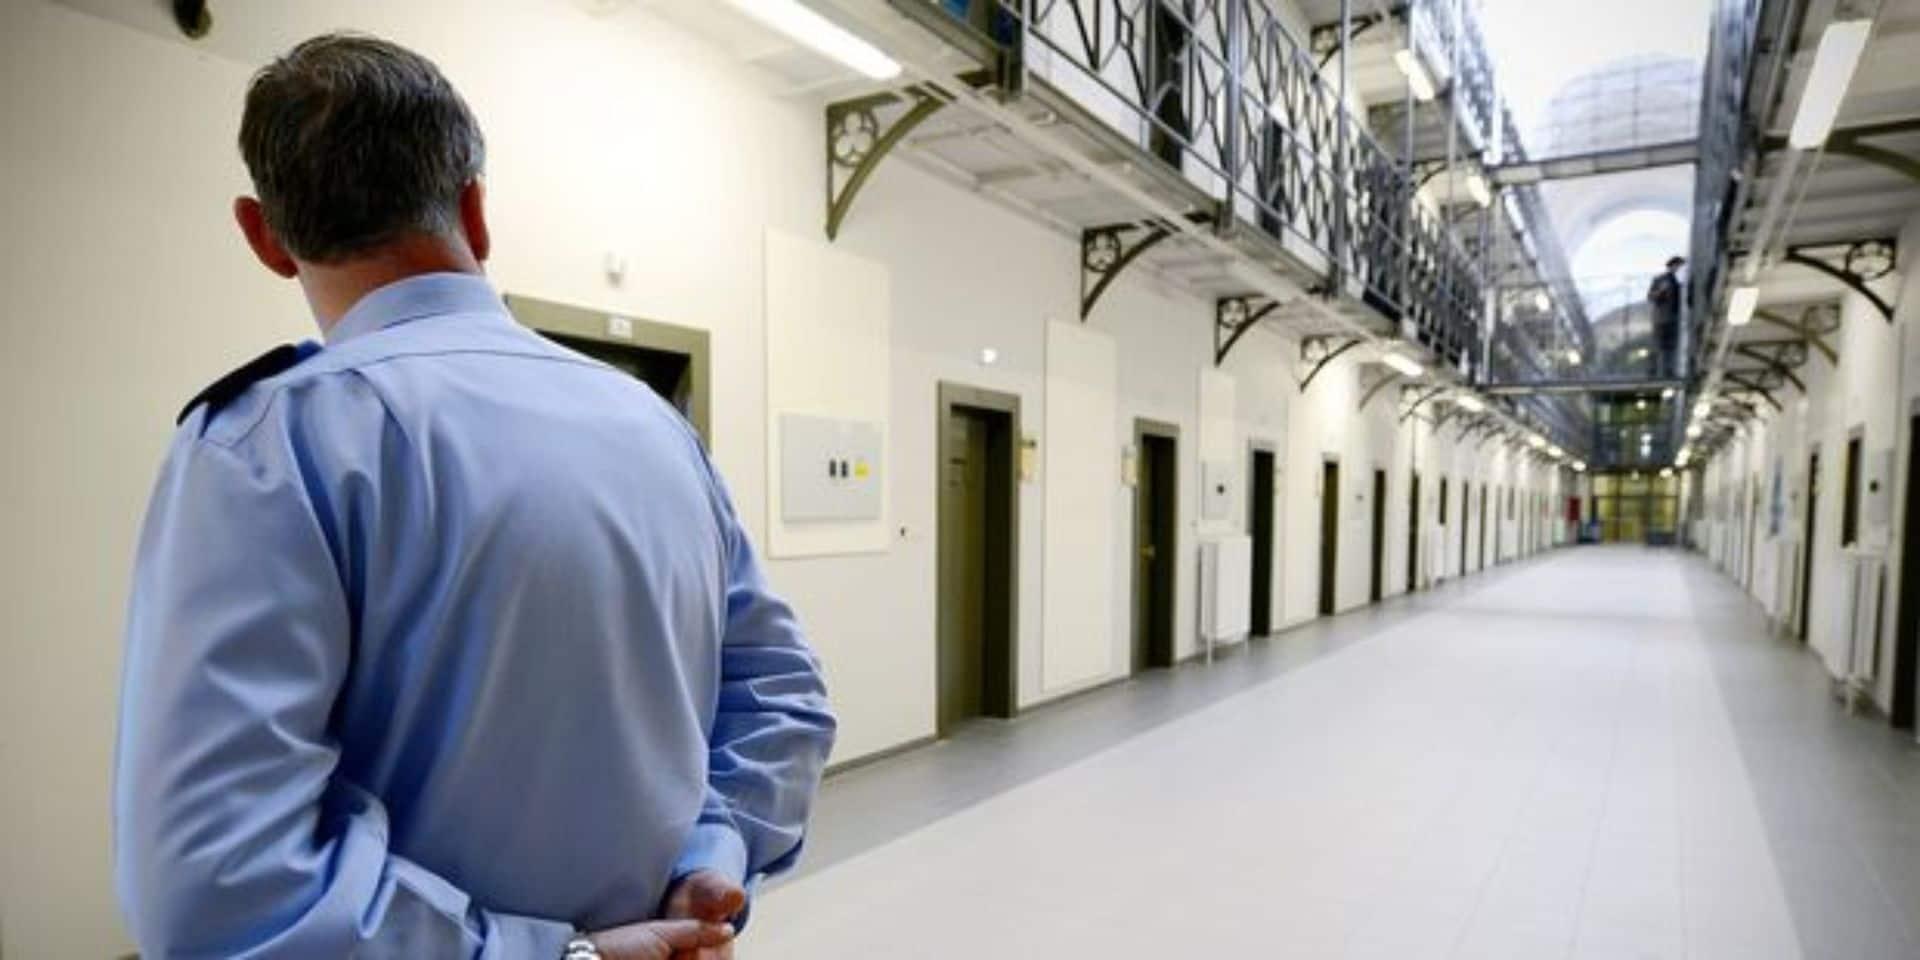 Solidarités dans nos prisons: les détenus belges se mettent à fabriquer des masques pour les hôpitaux